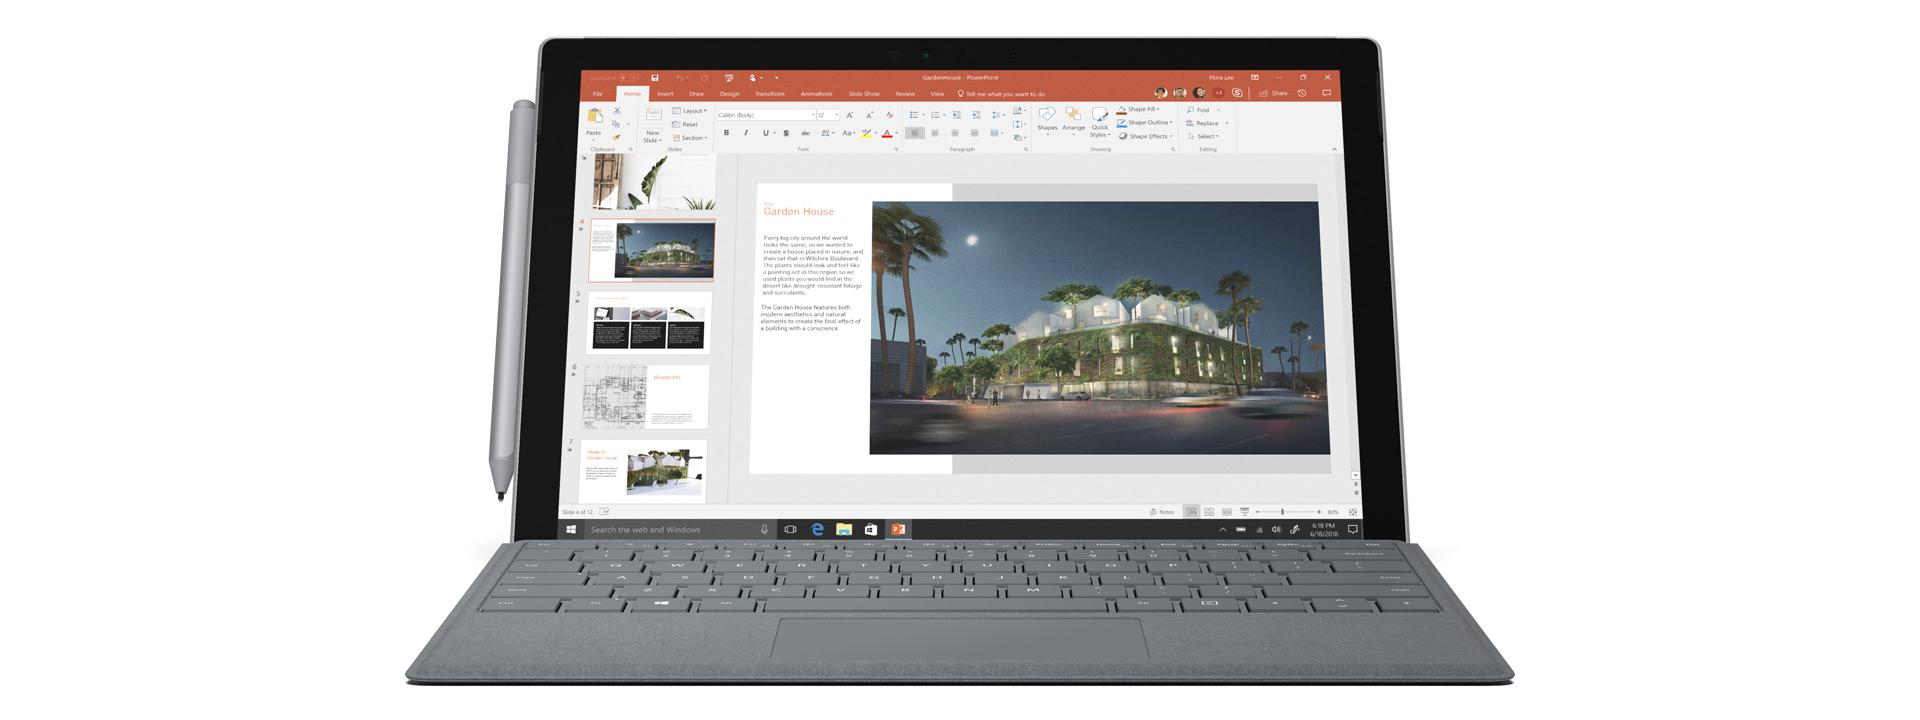 Surface Pro 시그니처 타이핑 커버 및 Surface 펜이 장착된 Surface Pro